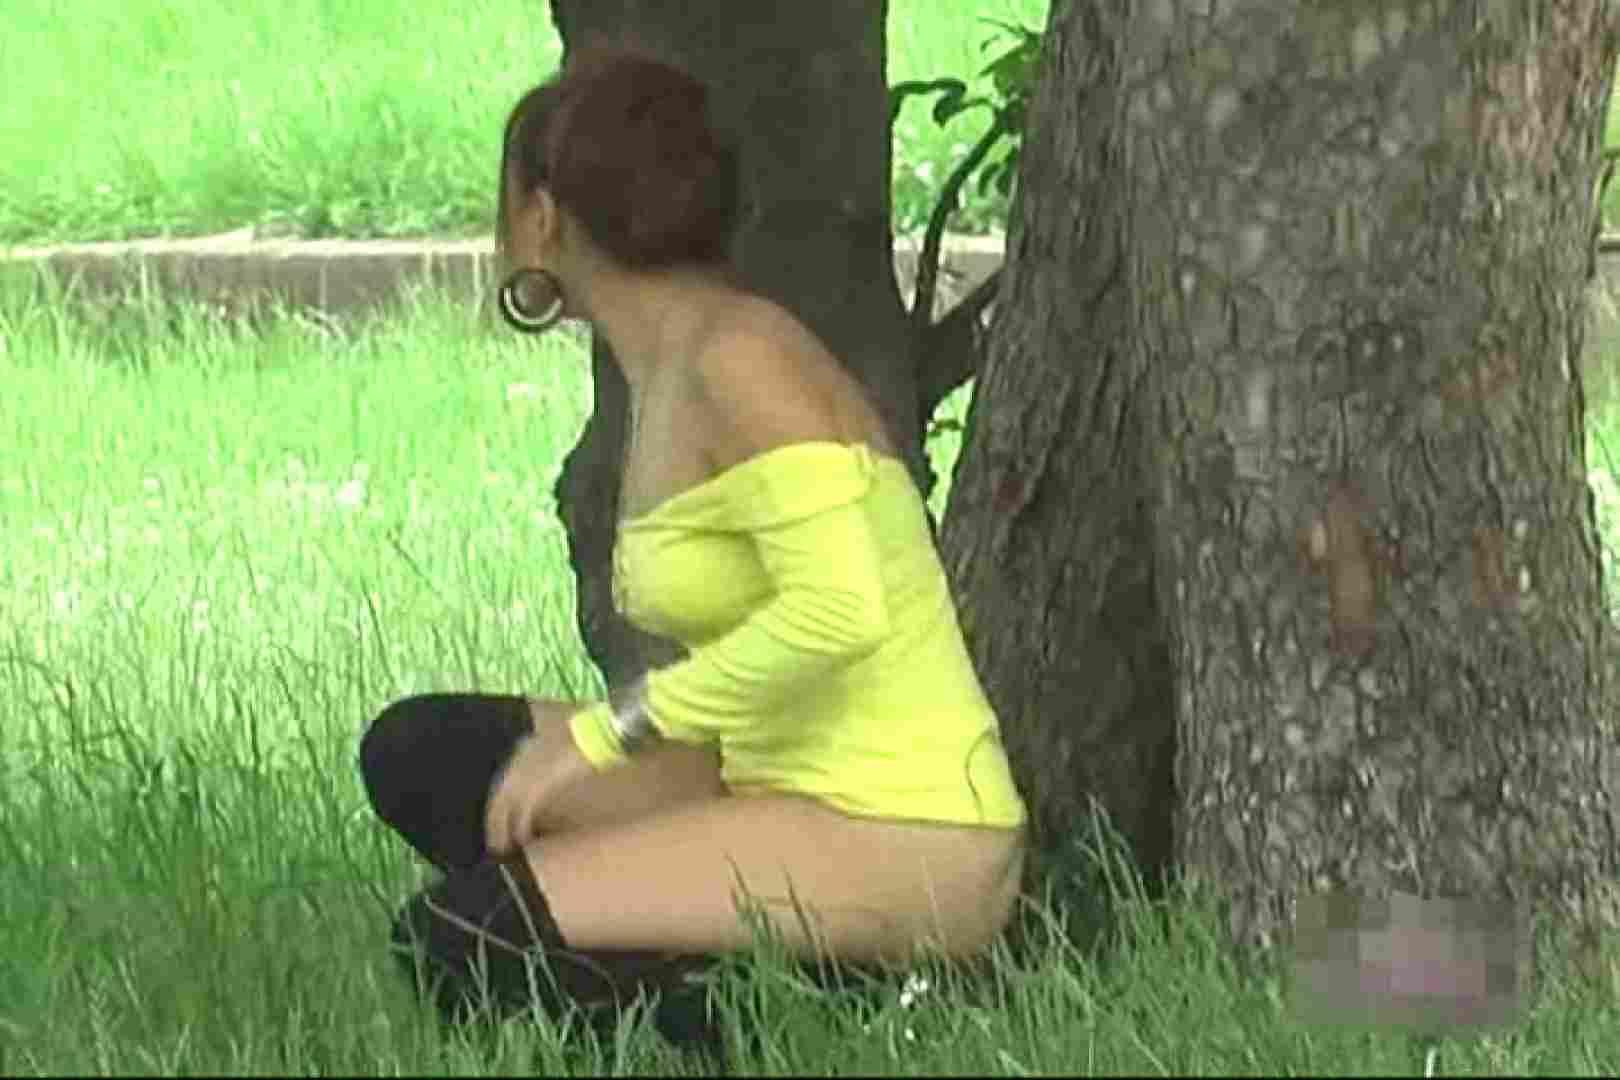 検証!隠し撮りスカートめくり!!Vol.2 美しいOLの裸体  103pic 28